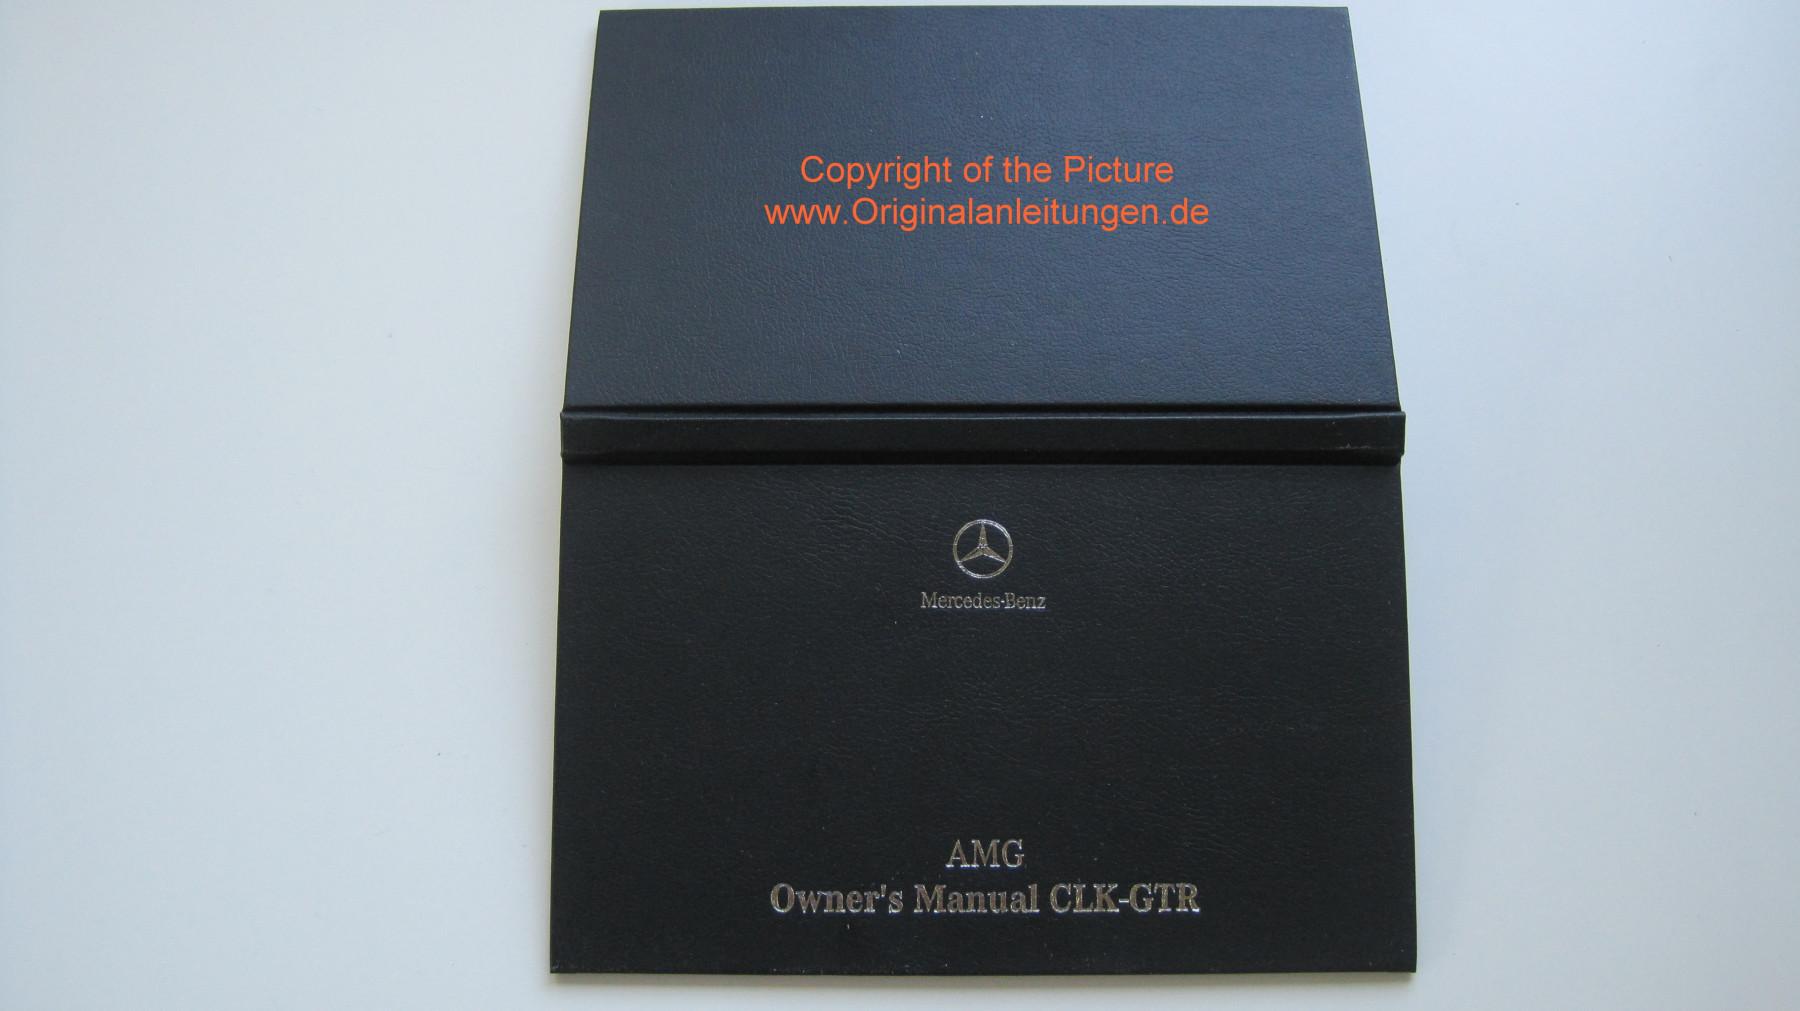 Mercedes Benz AMG CLK-GTR